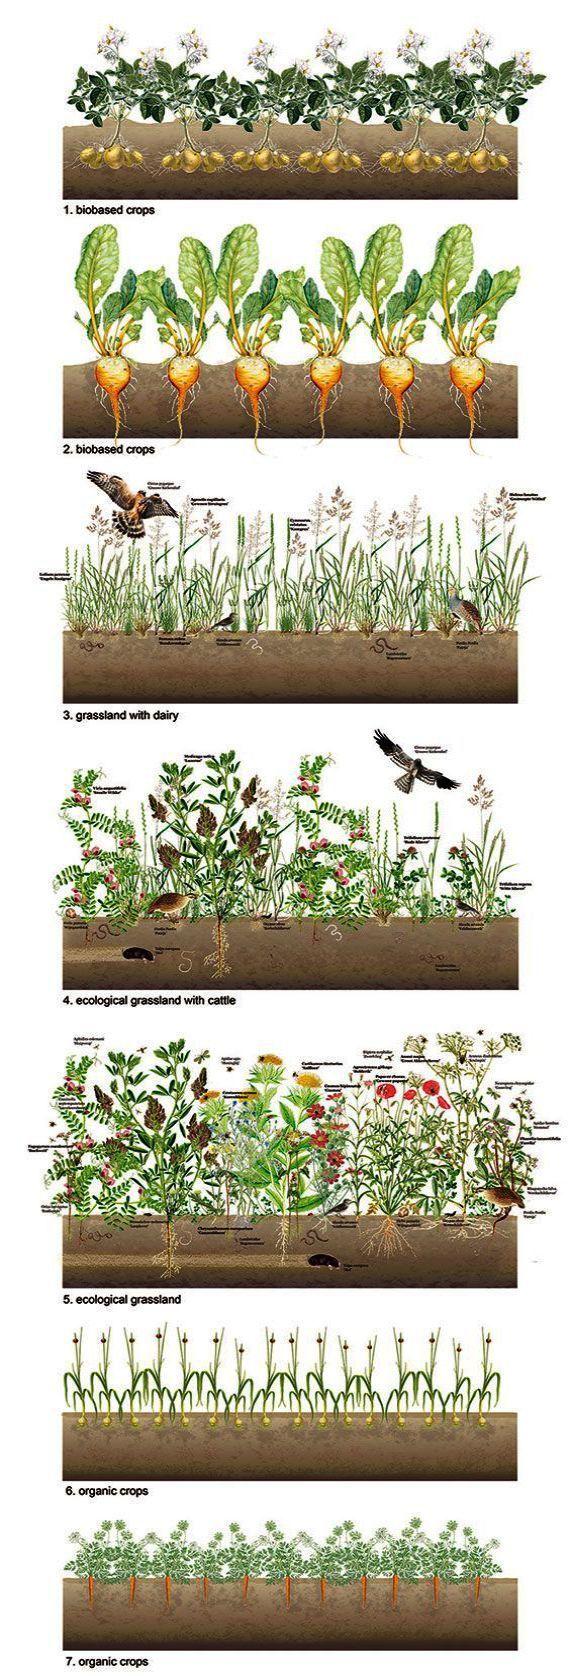 Landscape Gardening Work Erleben Sie eine Msr Landscape Gardening Llc in …, #Experi …